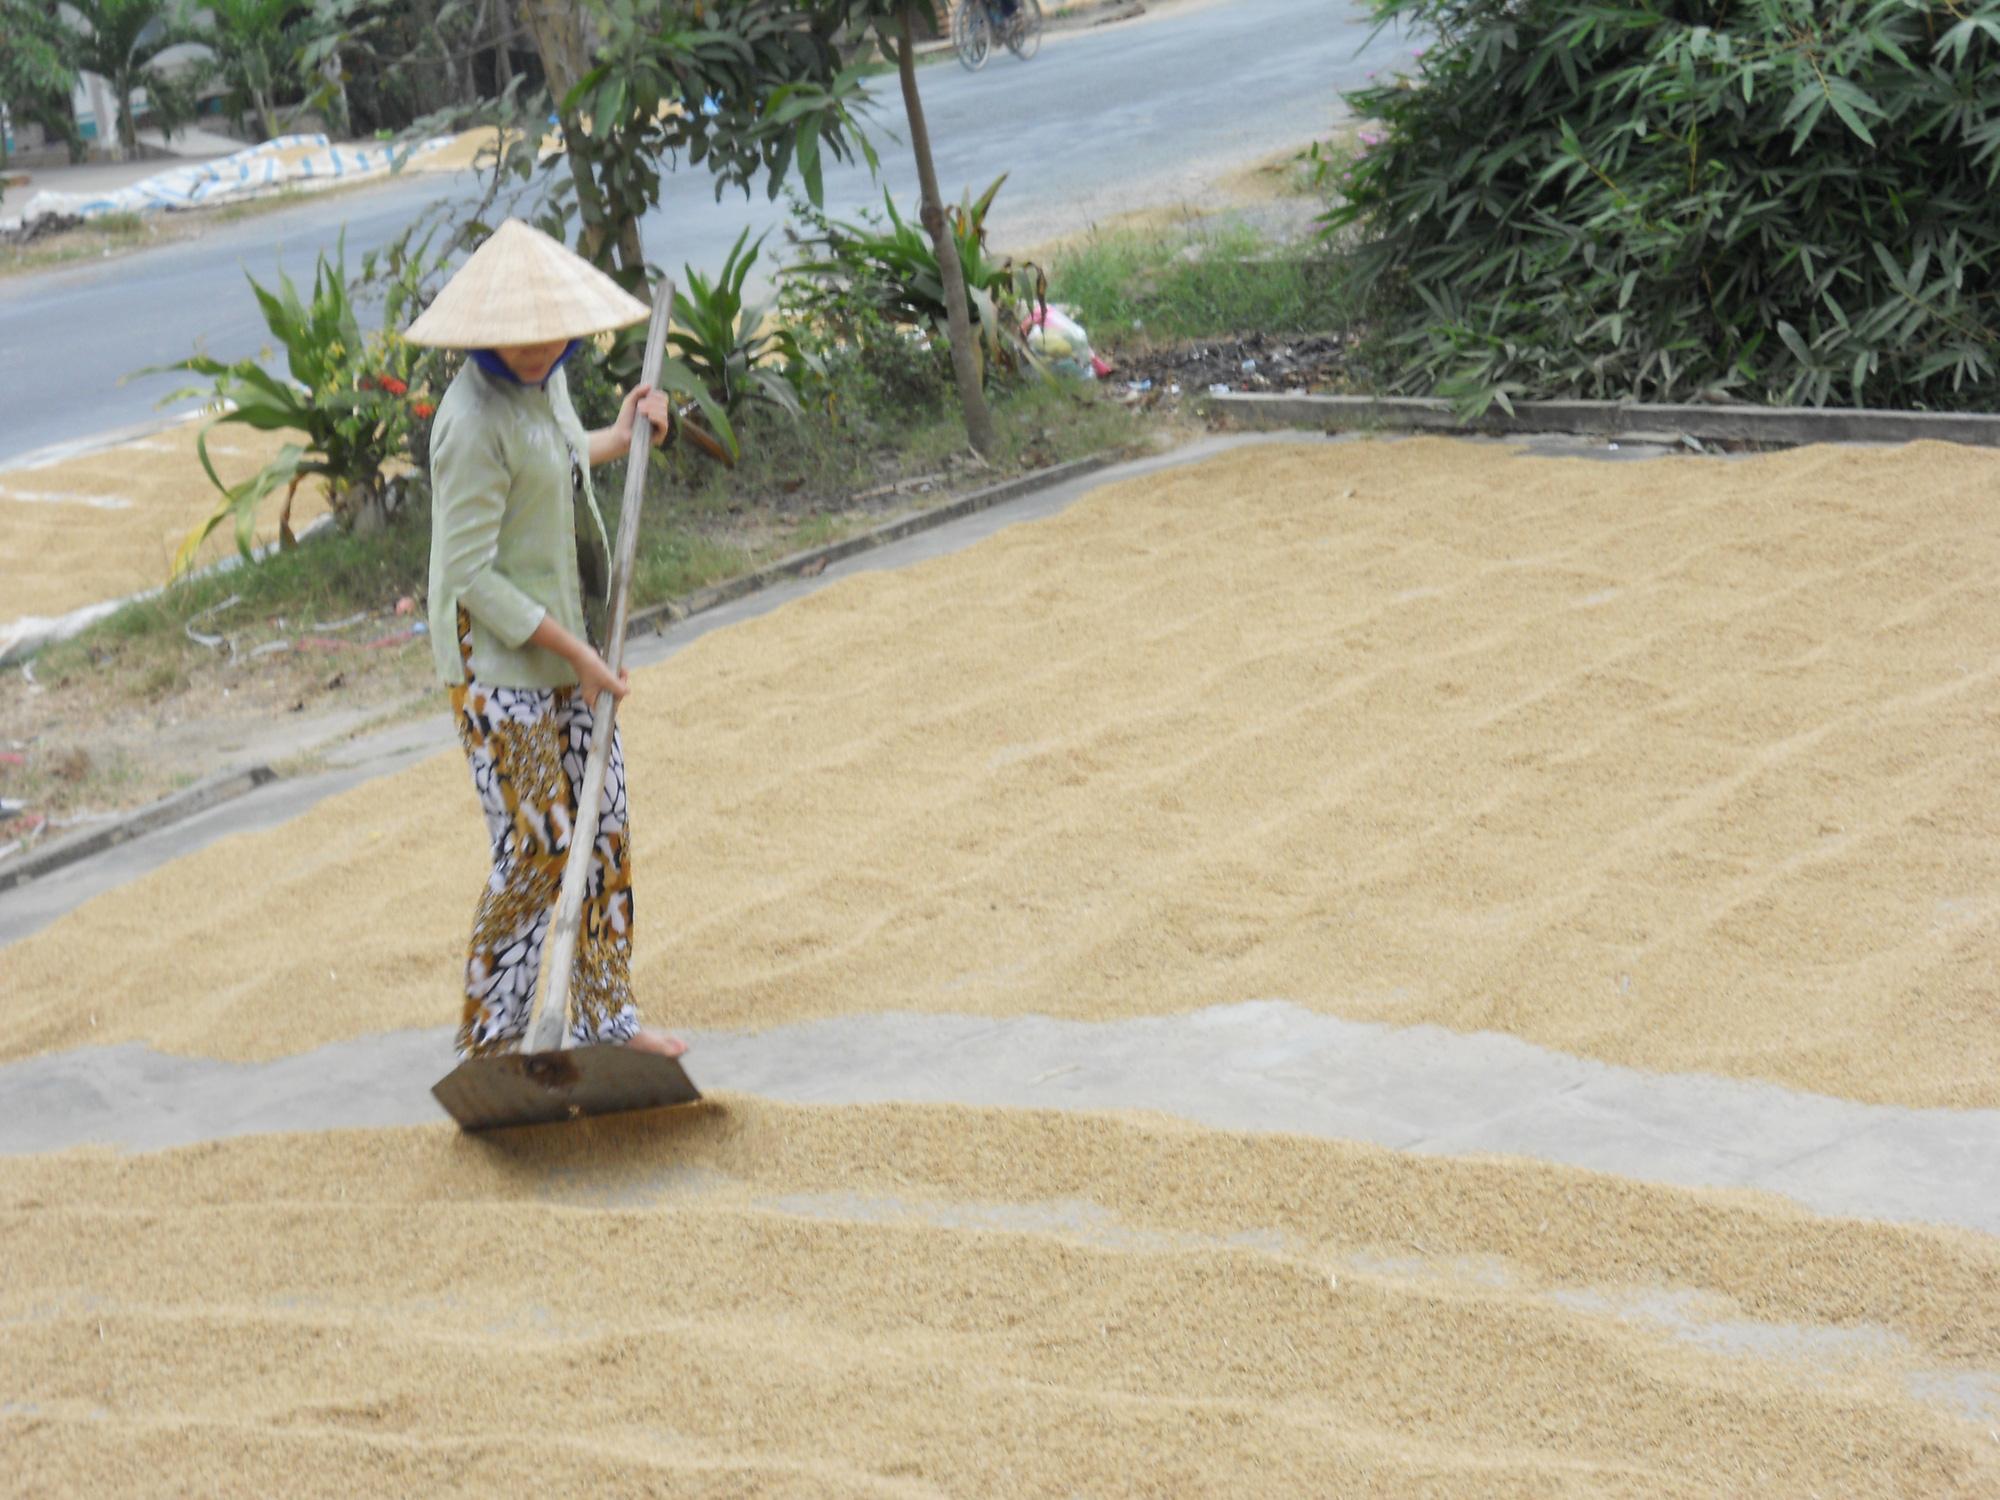 Kể chuyện làng: Nhớ mùi cơm gạo Nàng Thơm với thịt kho tàu chiều 30 Tết - Ảnh 5.